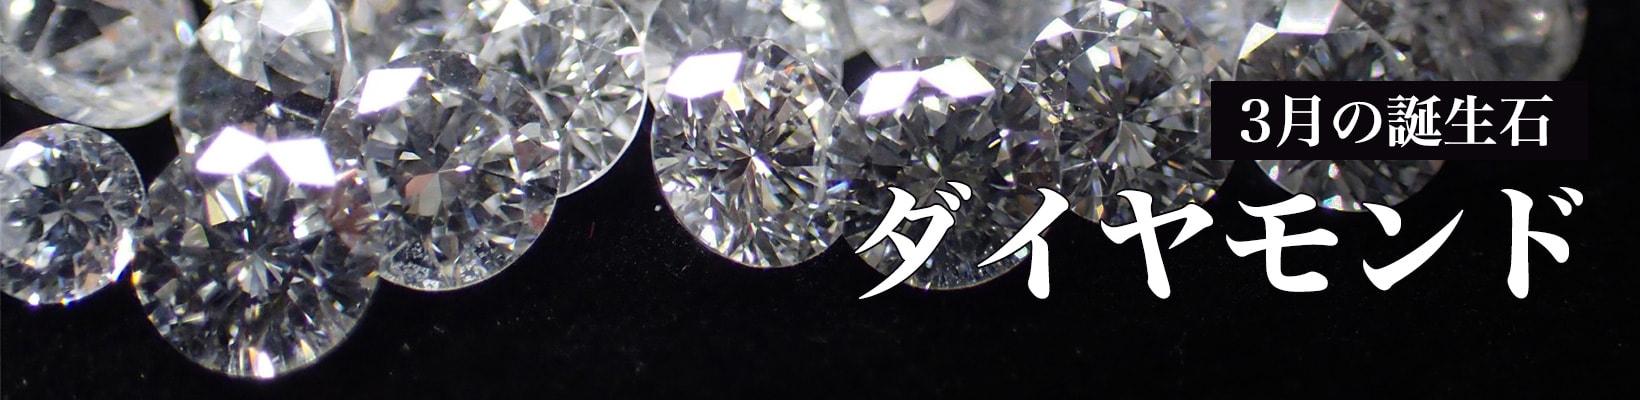 4月の誕生石は、「ダイヤモンド」